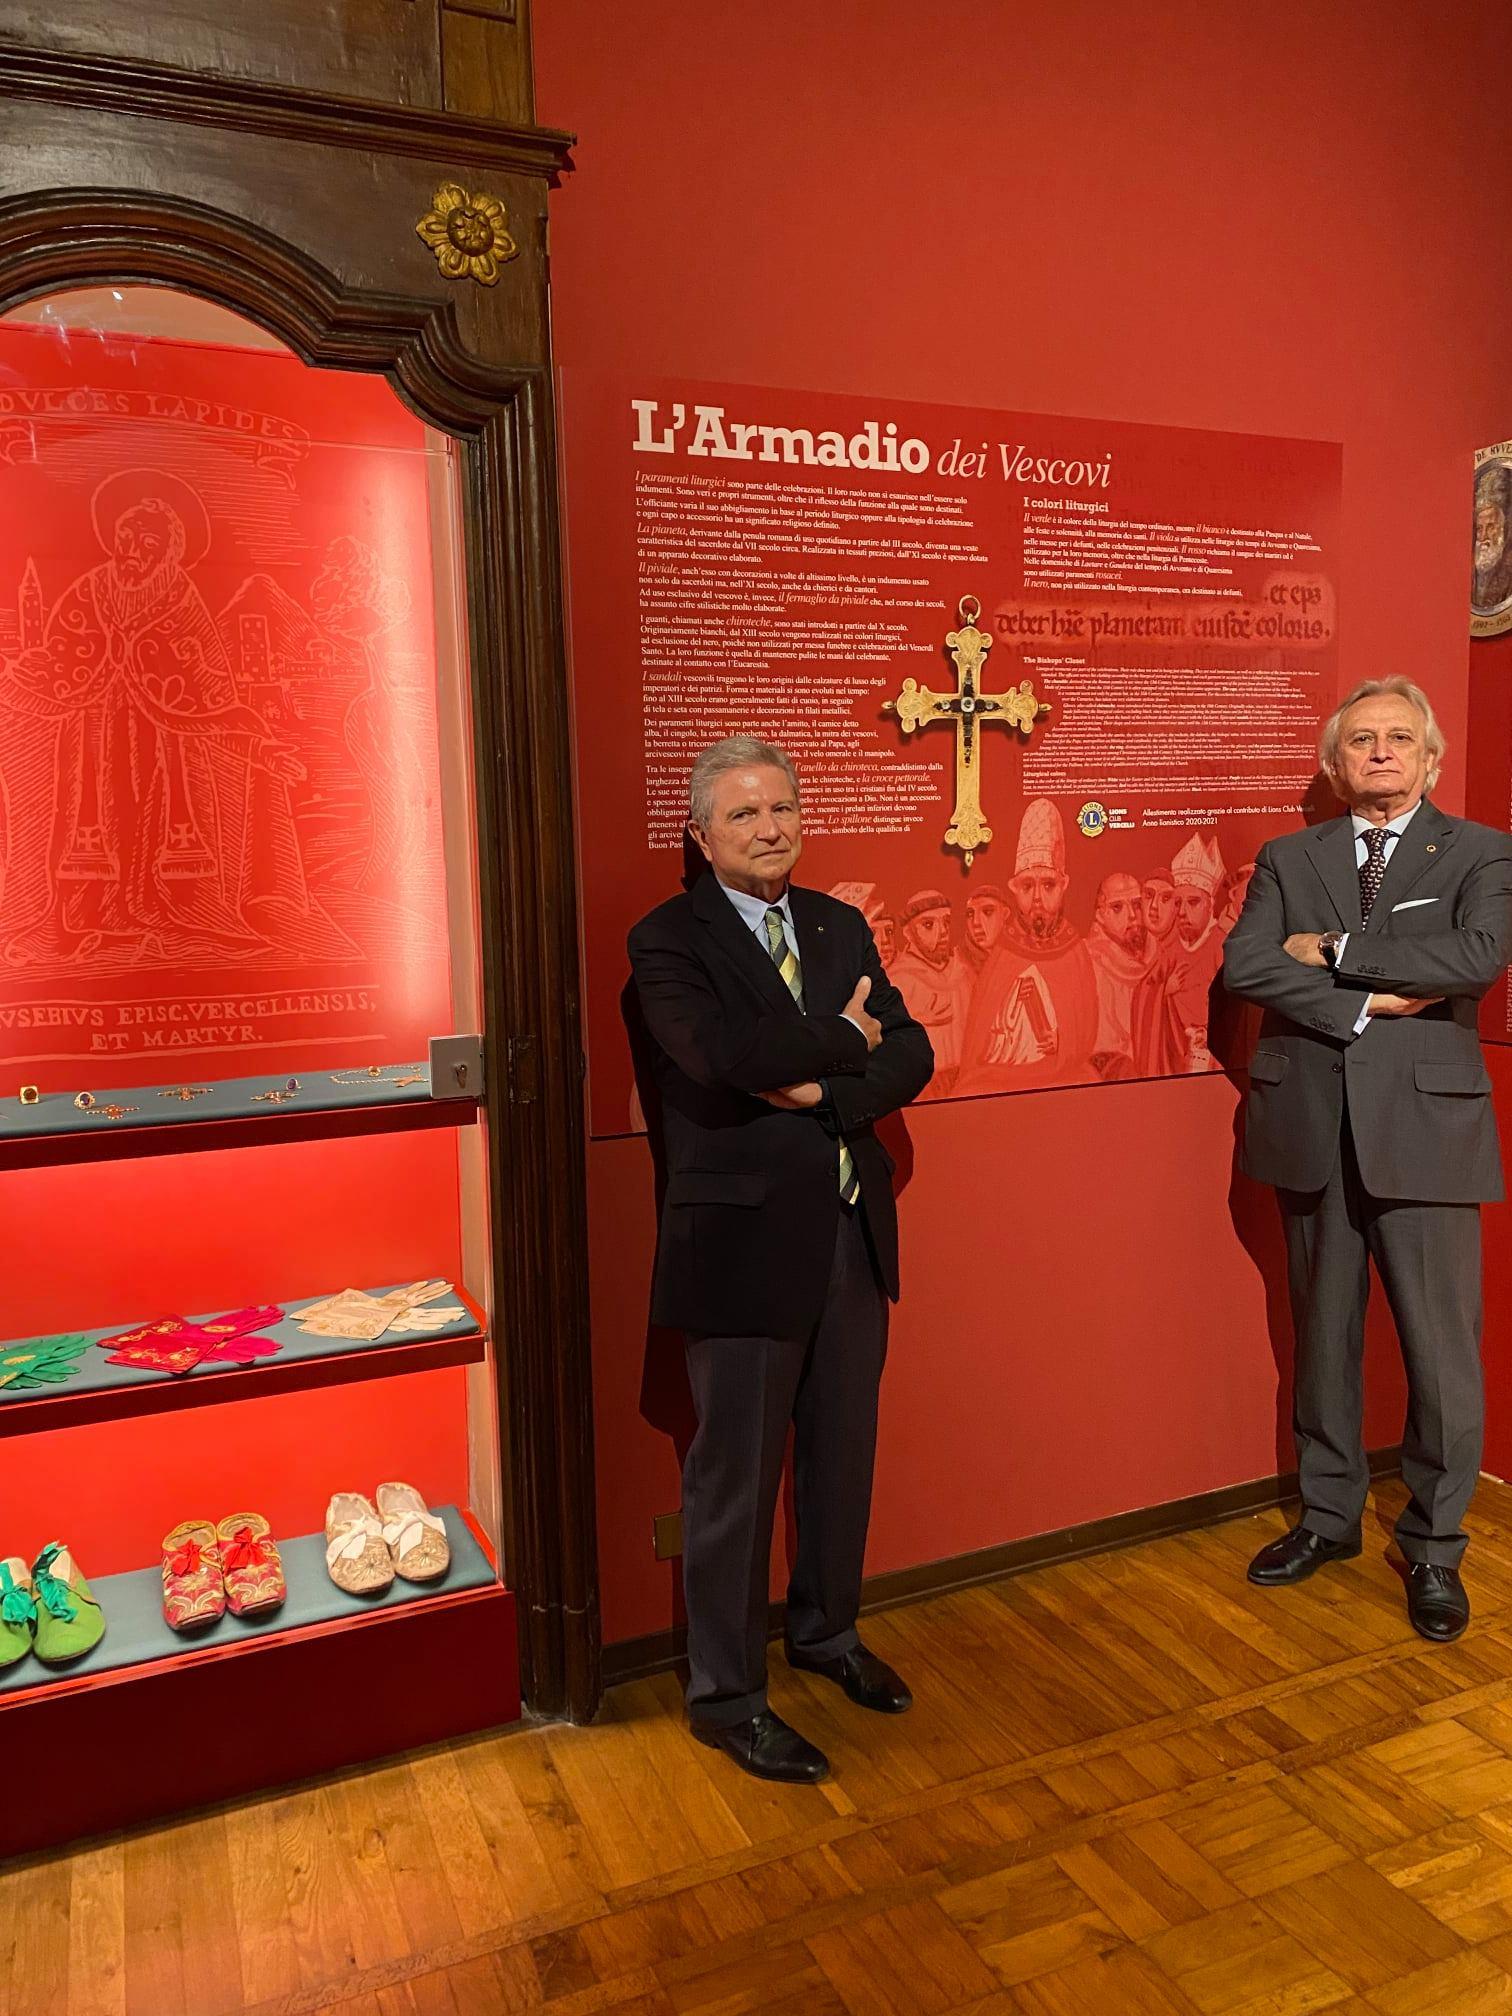 Armadio del vescovo al Museo del tesoro del duomo